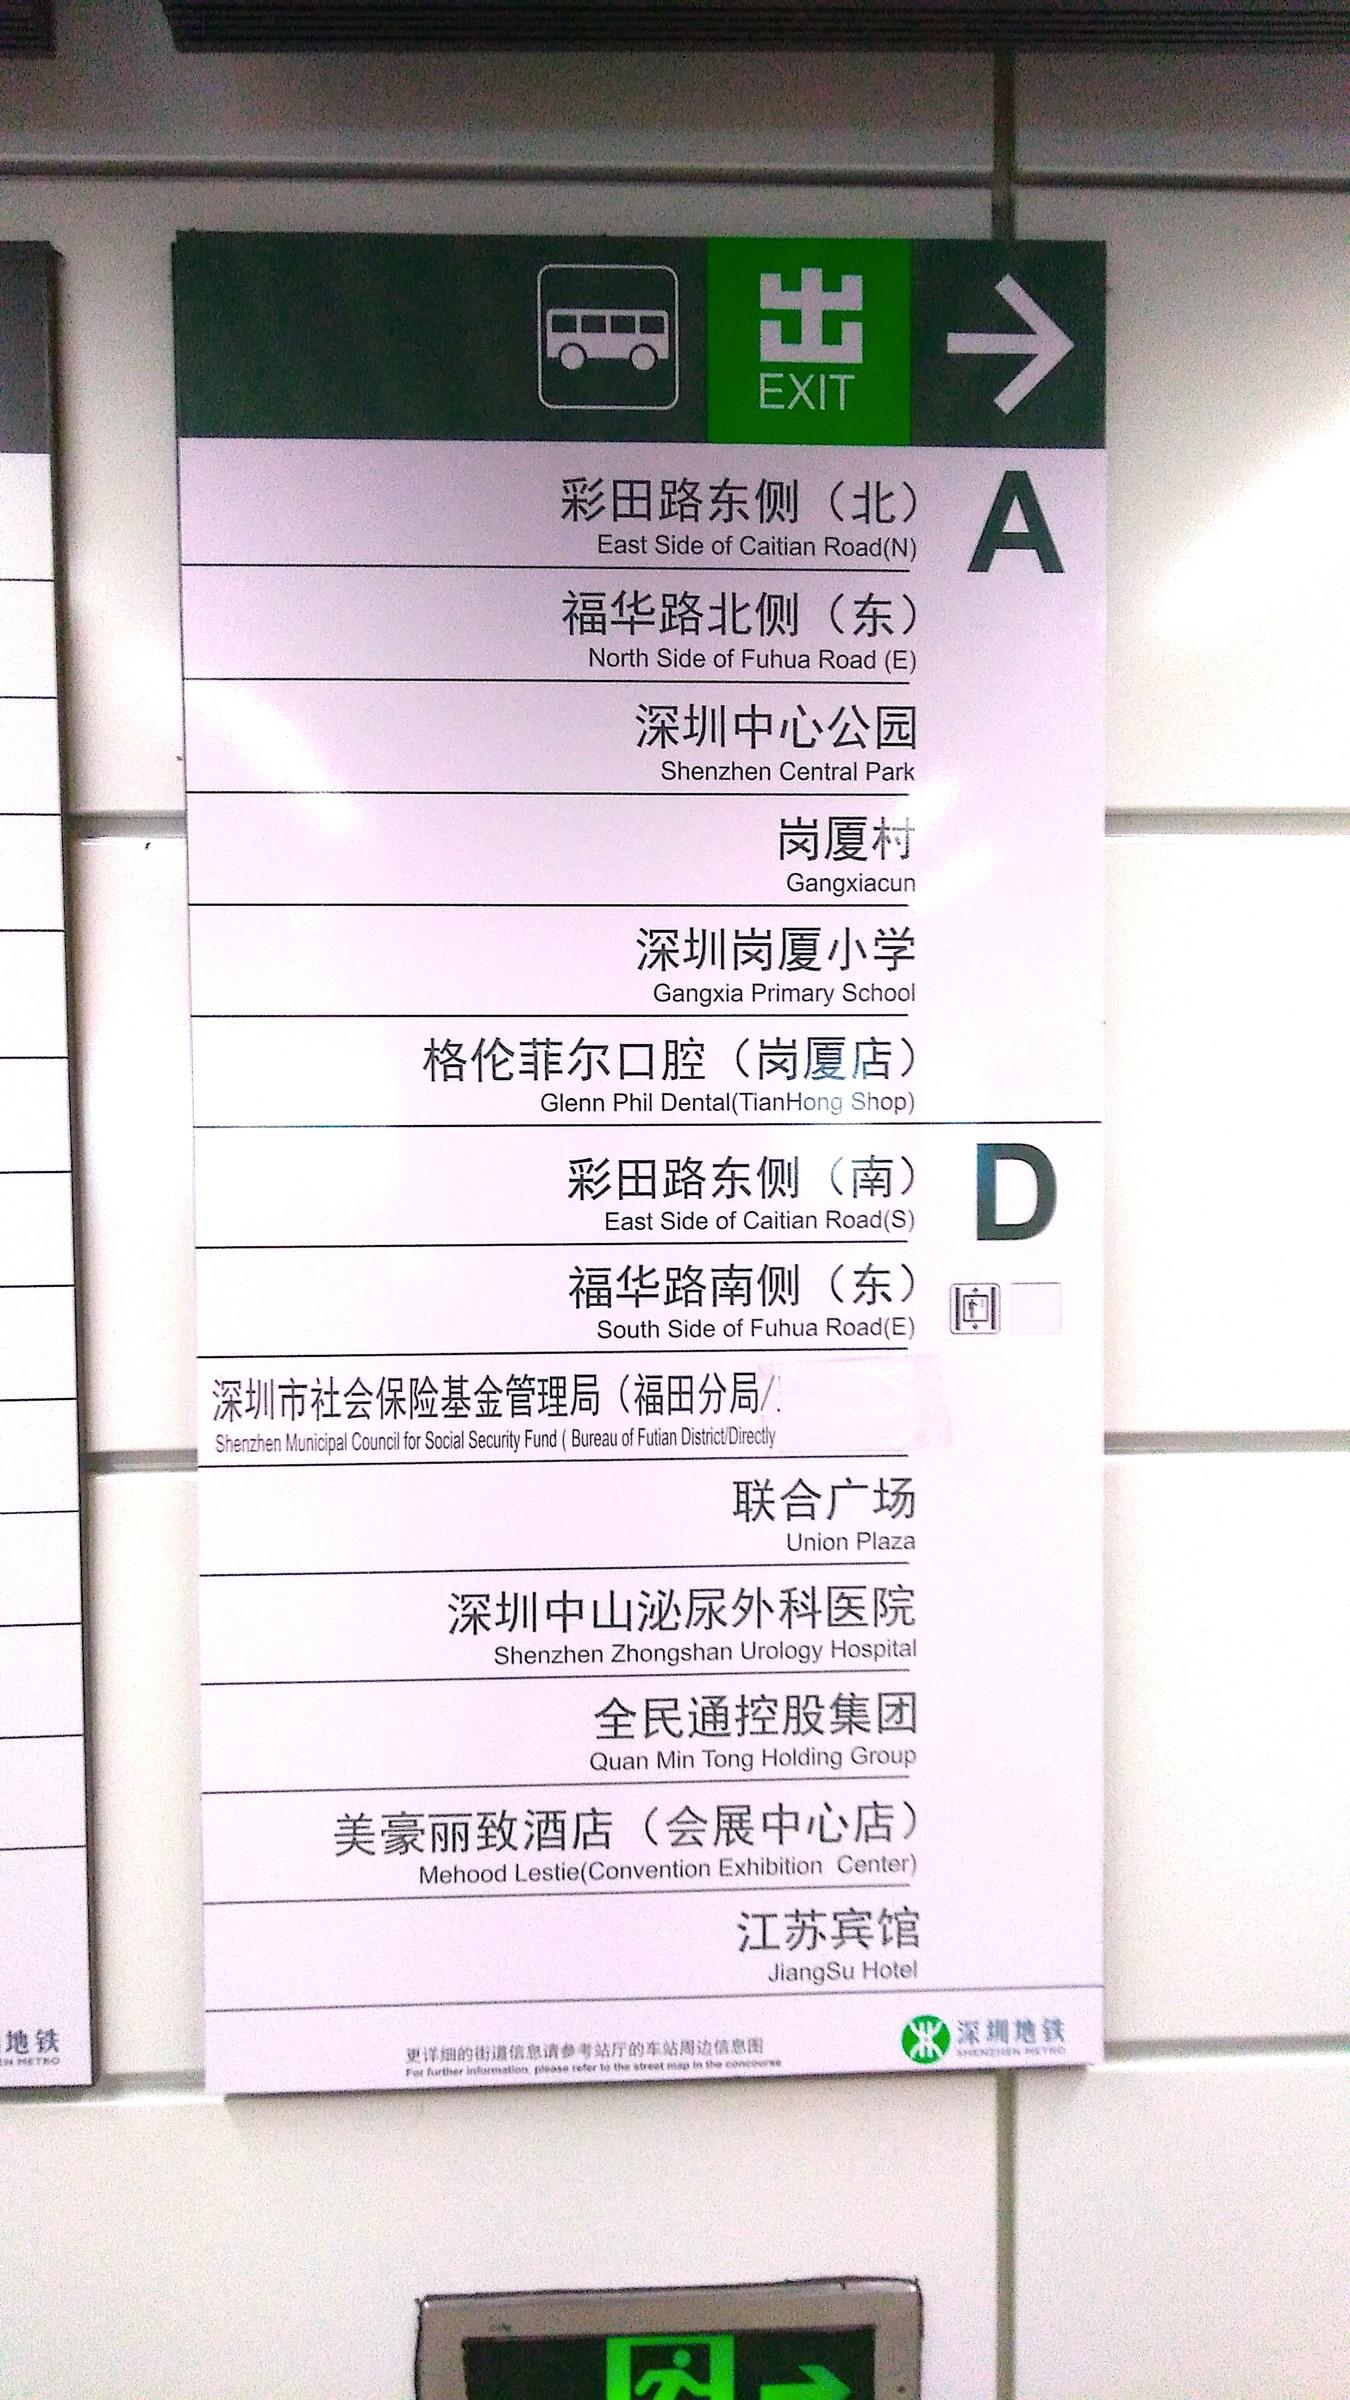 中国 深セン地下鉄1号線 羅宝線 崗廈駅の出口案内1_[0]